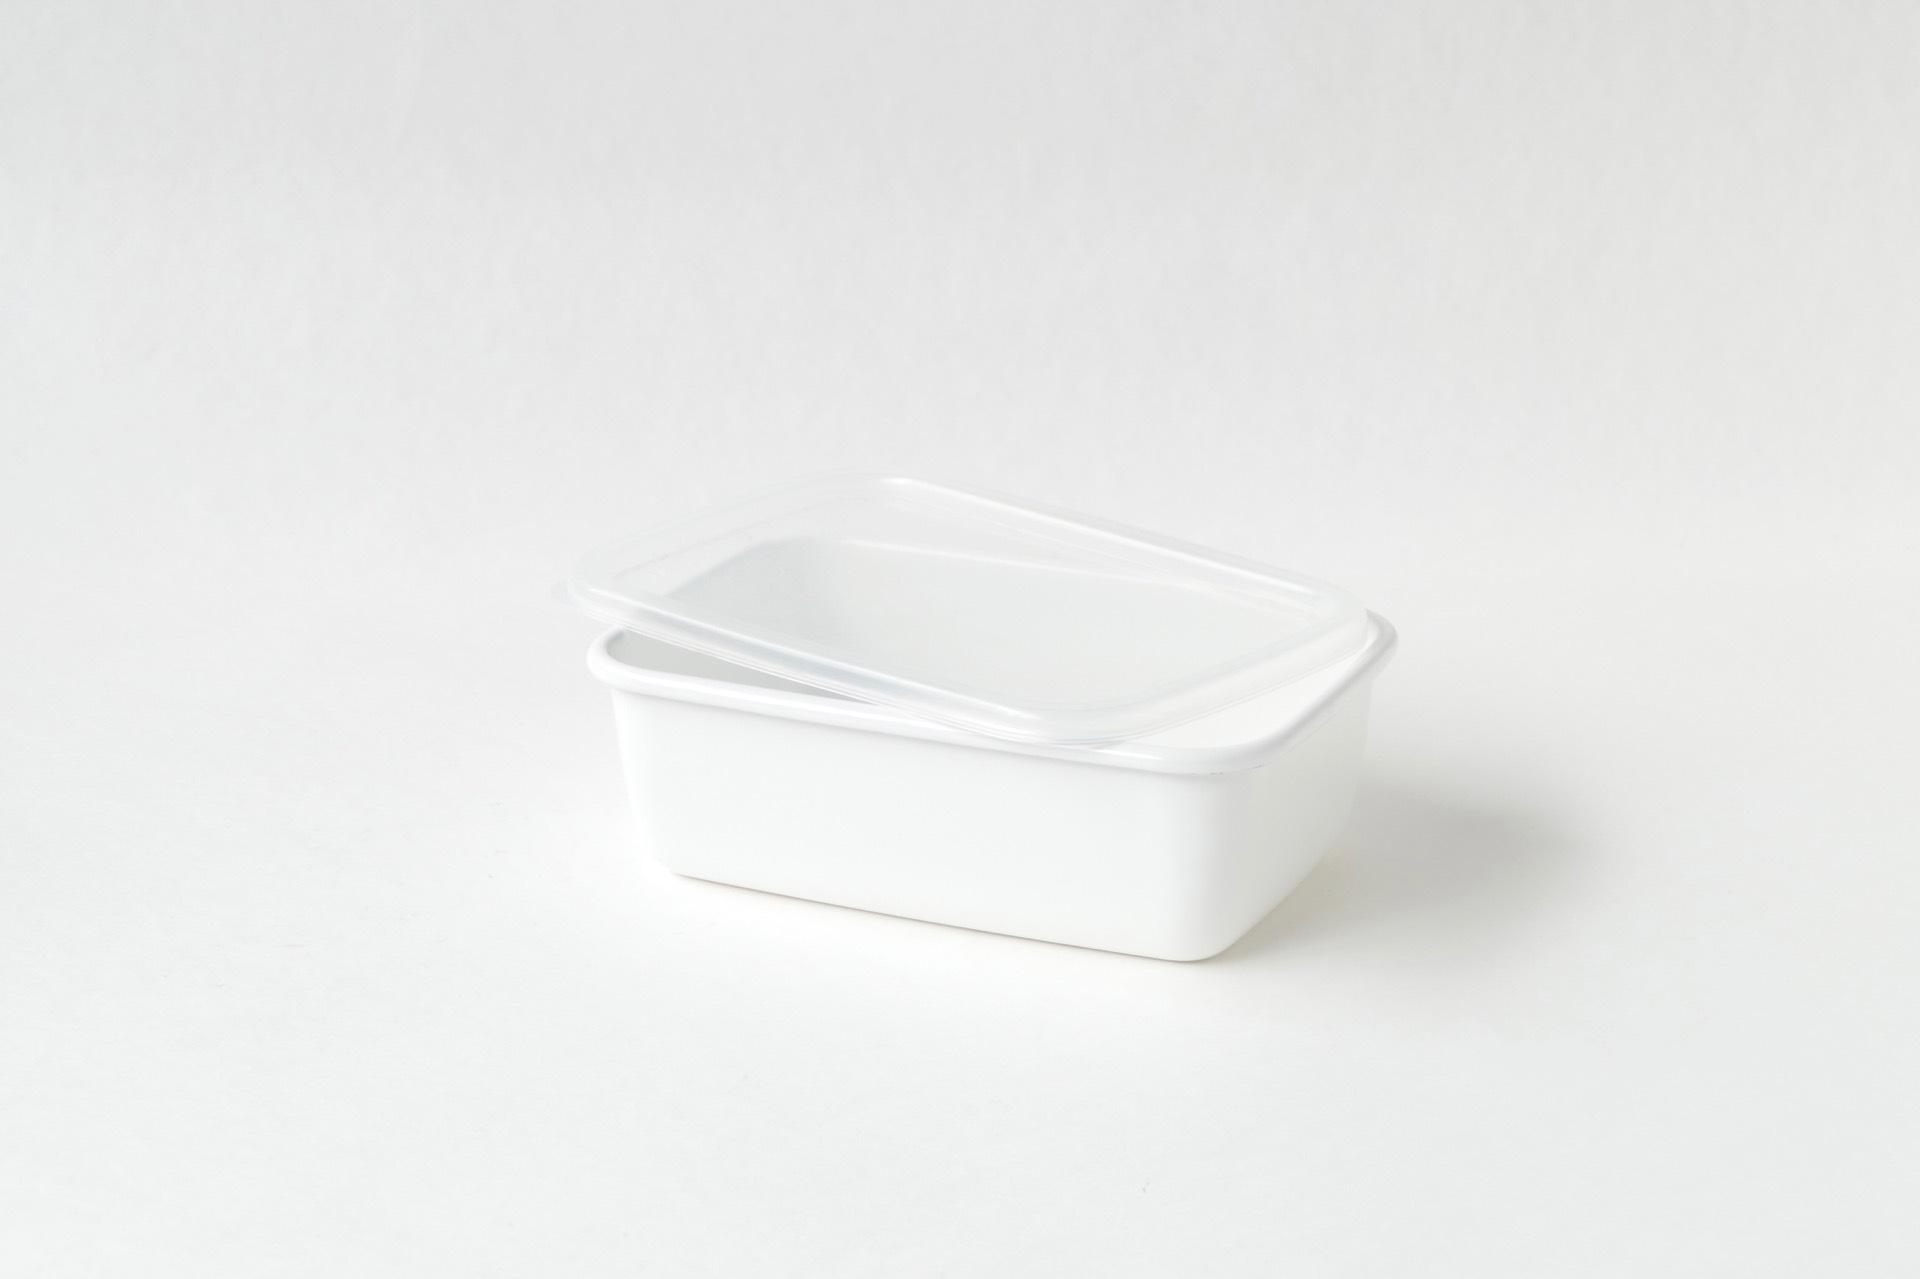 野田琺瑯 レクタングル深型M シール蓋つき